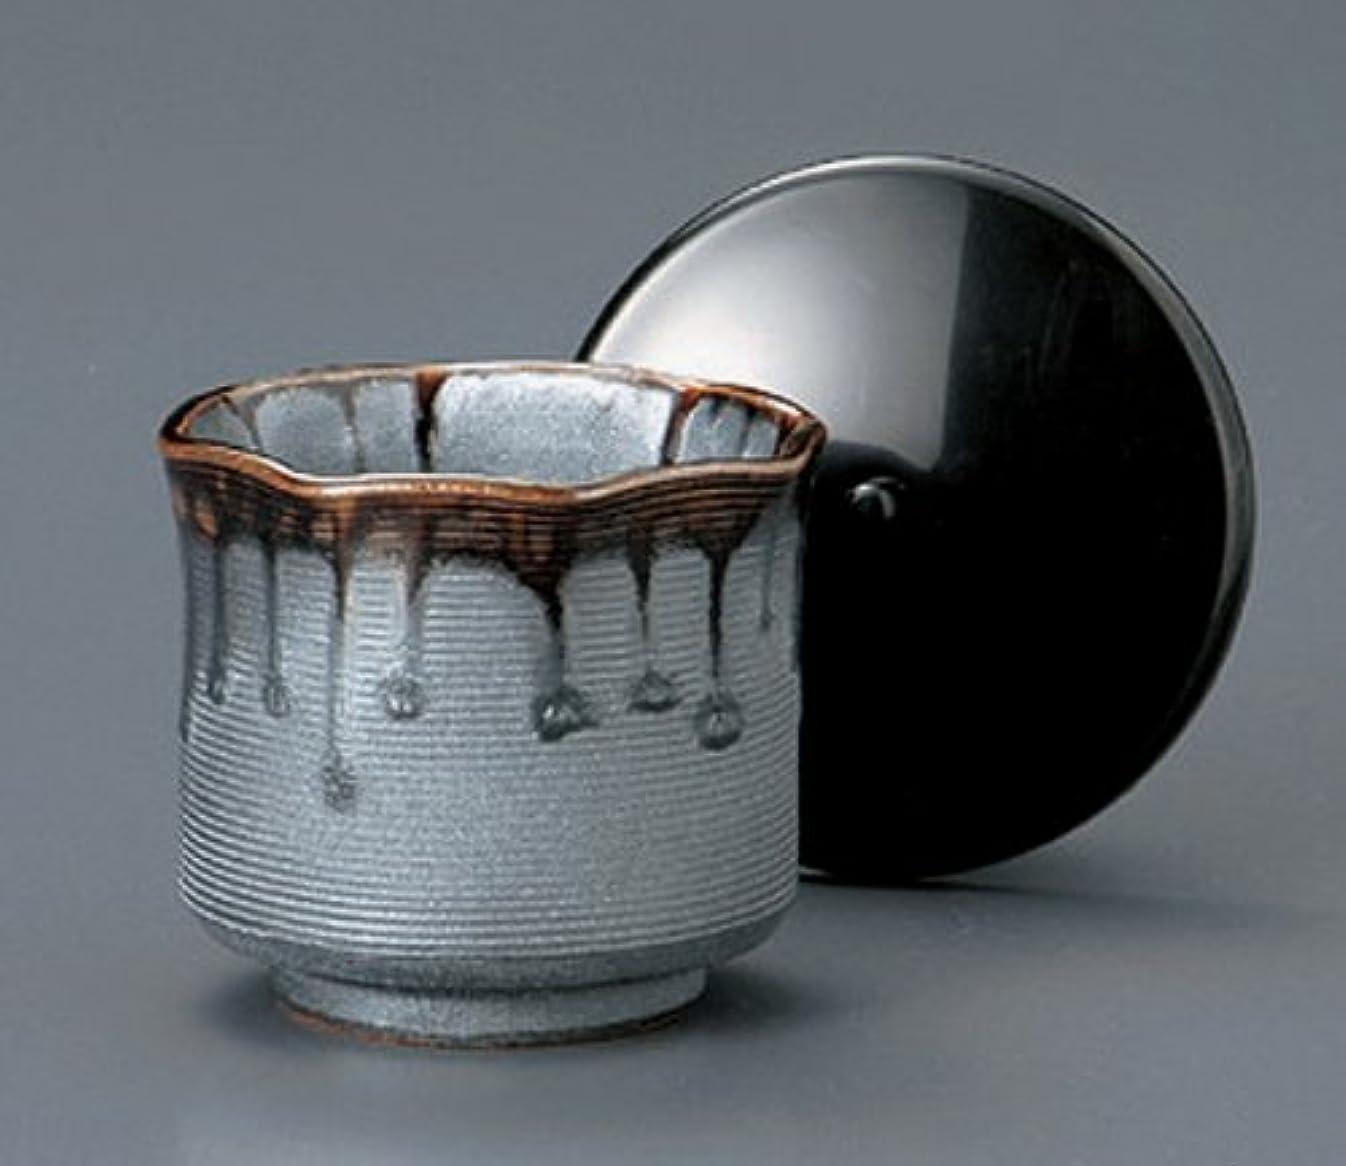 ジェットポンプ多年生黒銀彩 土物 9cm ポリフタ付き 八角ご飯茶碗5点セット かやくご飯、五目ご飯、丼物に